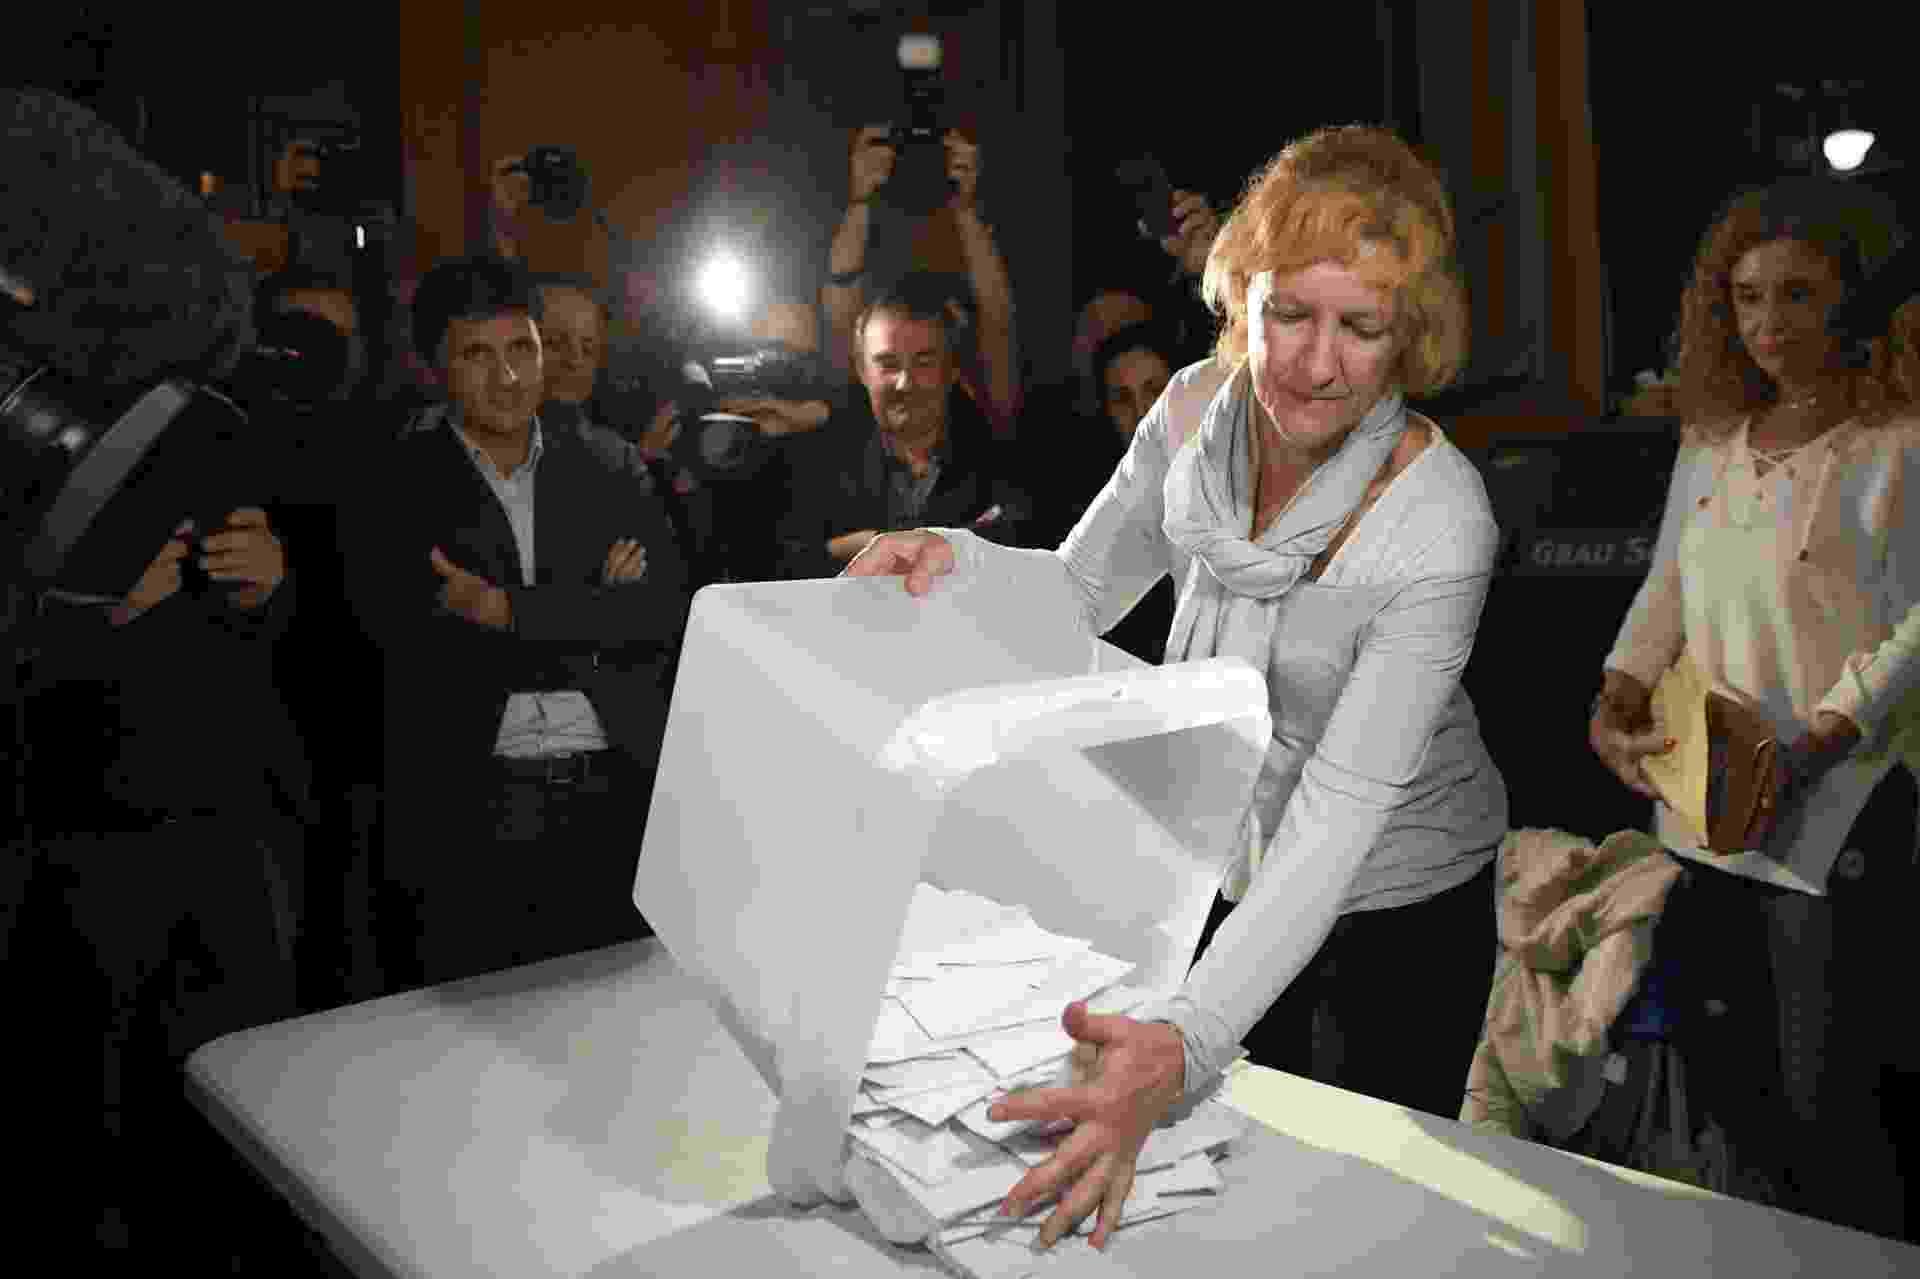 1º.out.2017 - Mulher esvazia urna para contar votos em referendo sobre a independência da Catalunha - Lluis Gene/AFP